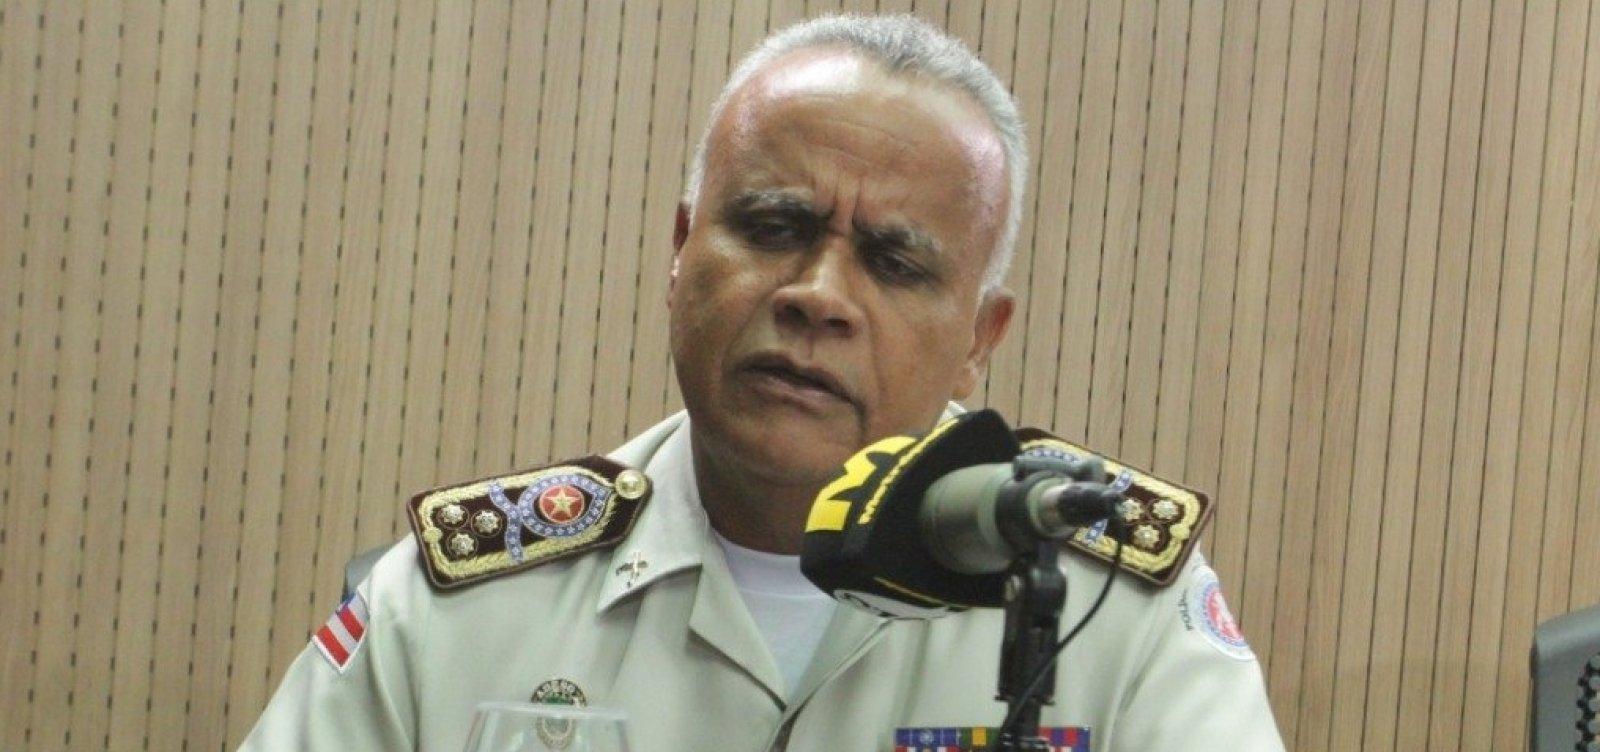 ['Todo mês boto policial para fora por desvio de conduta', diz comandante-geral da PM-BA]